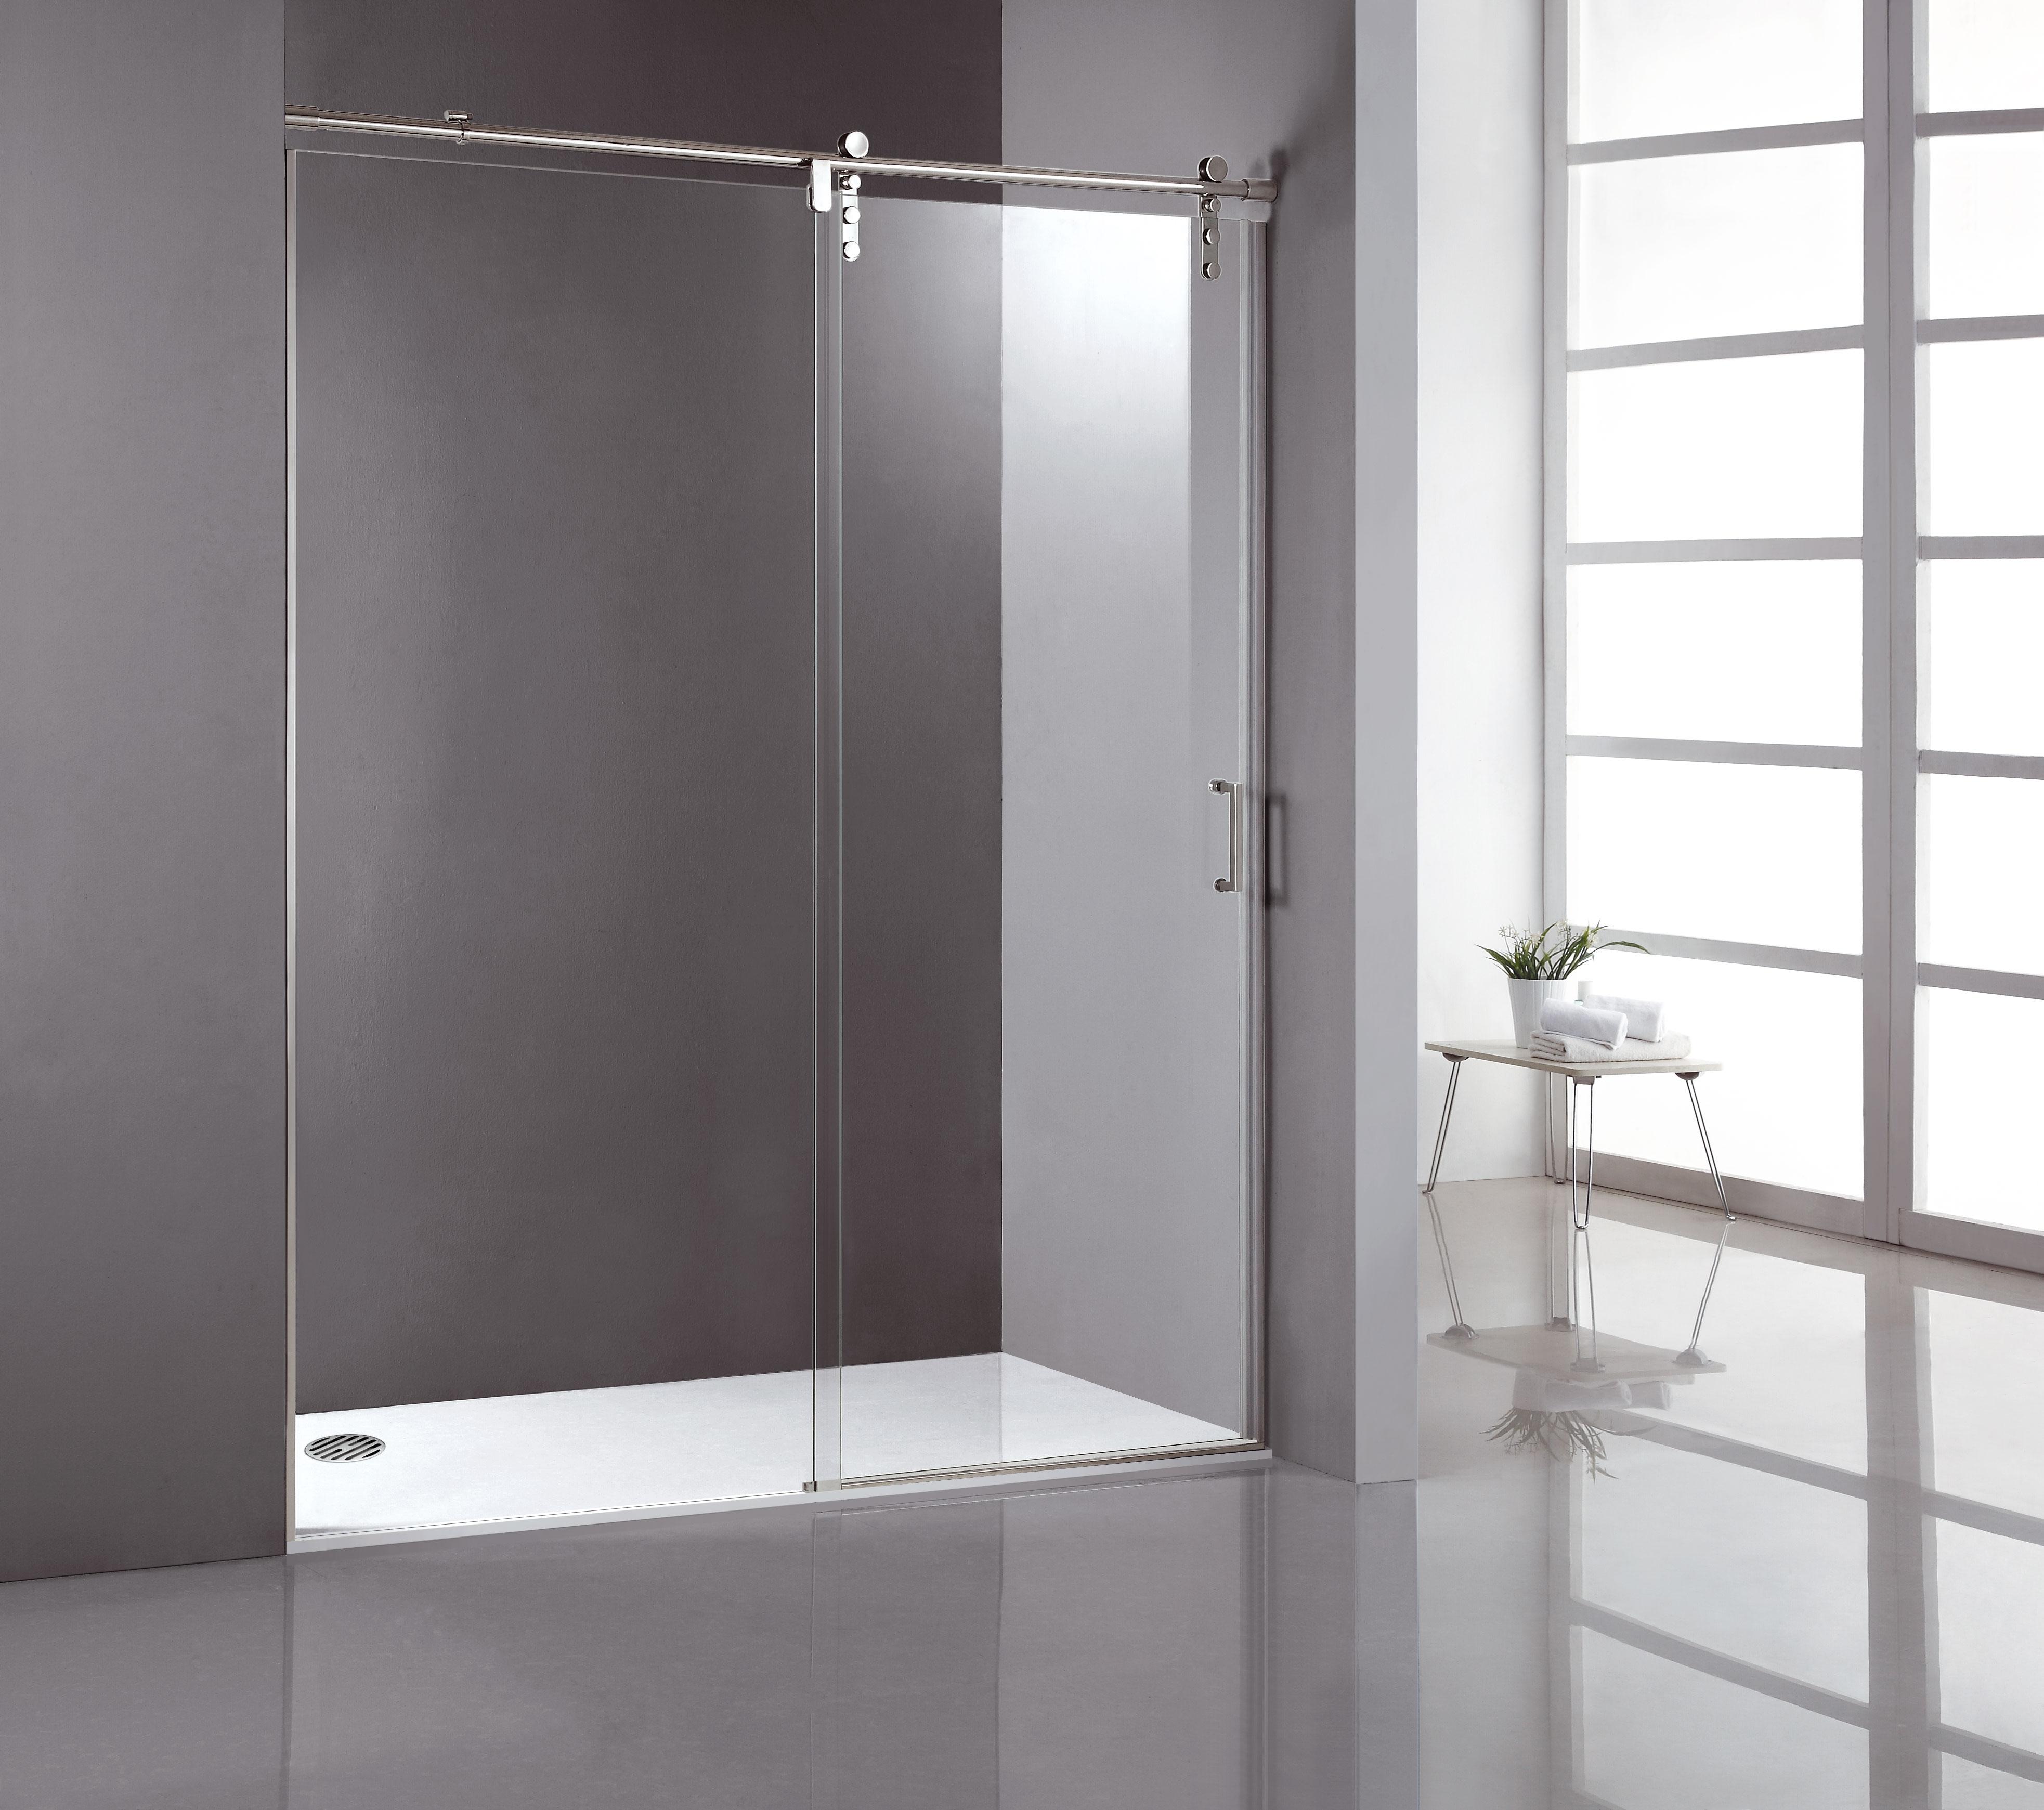 Como limpiar mamparas de las duchas conslymp a solo la hora - Mampara para ducha ...